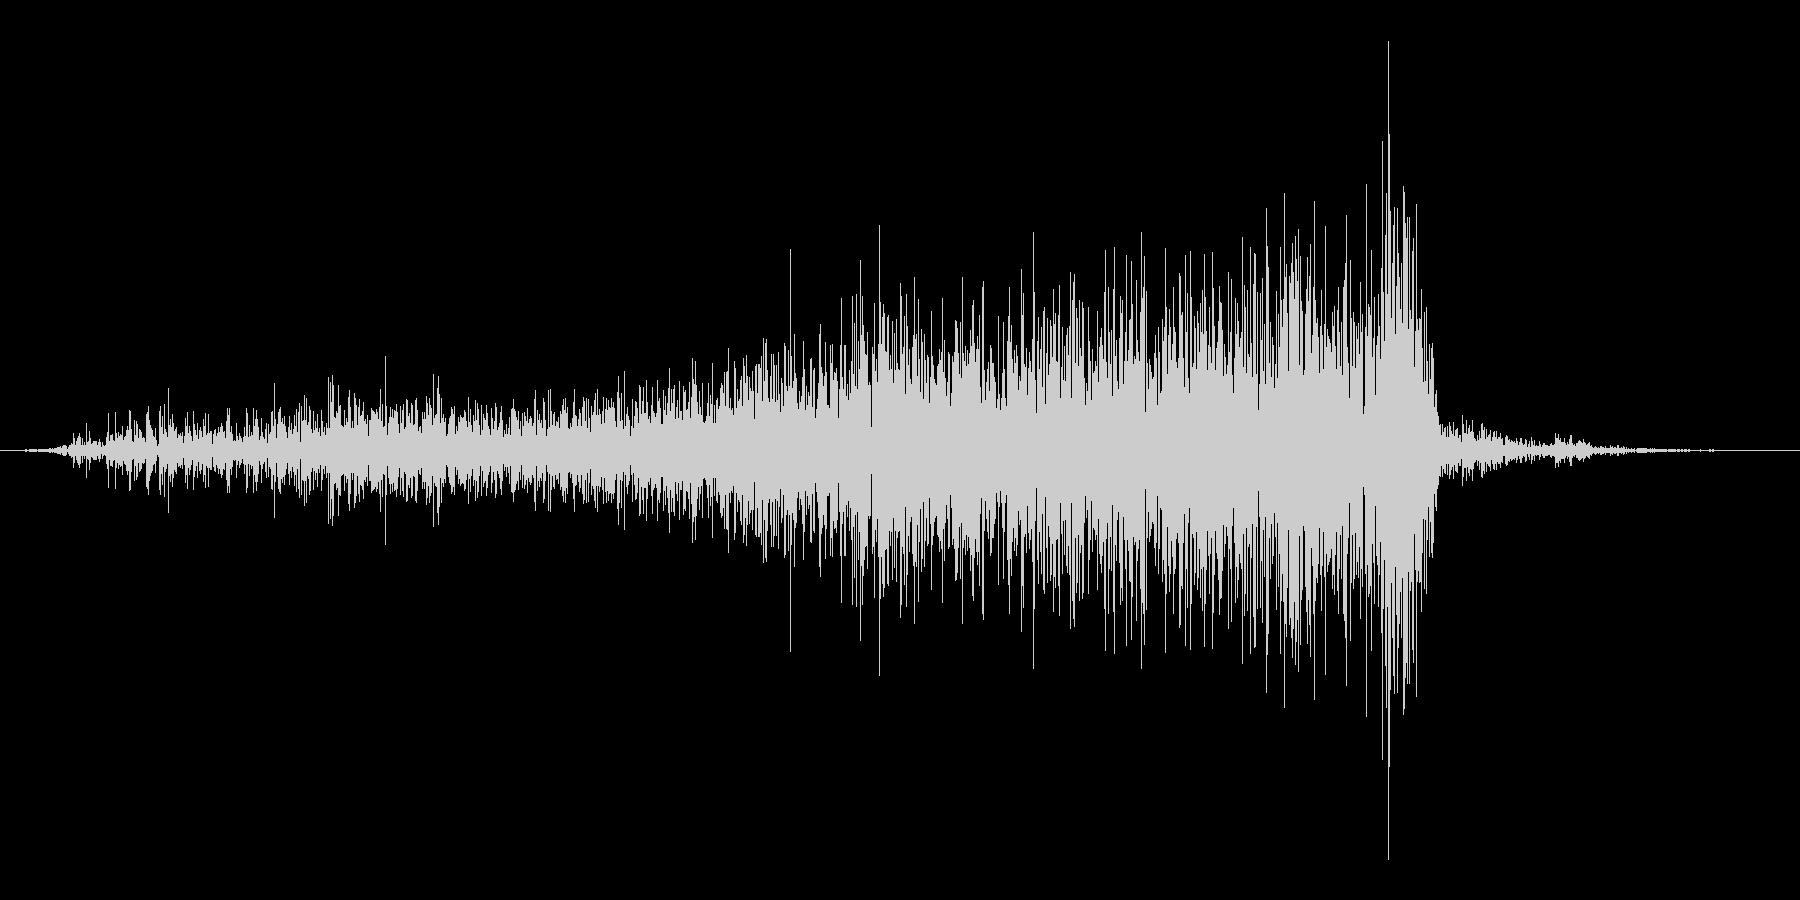 紙を破る音の未再生の波形